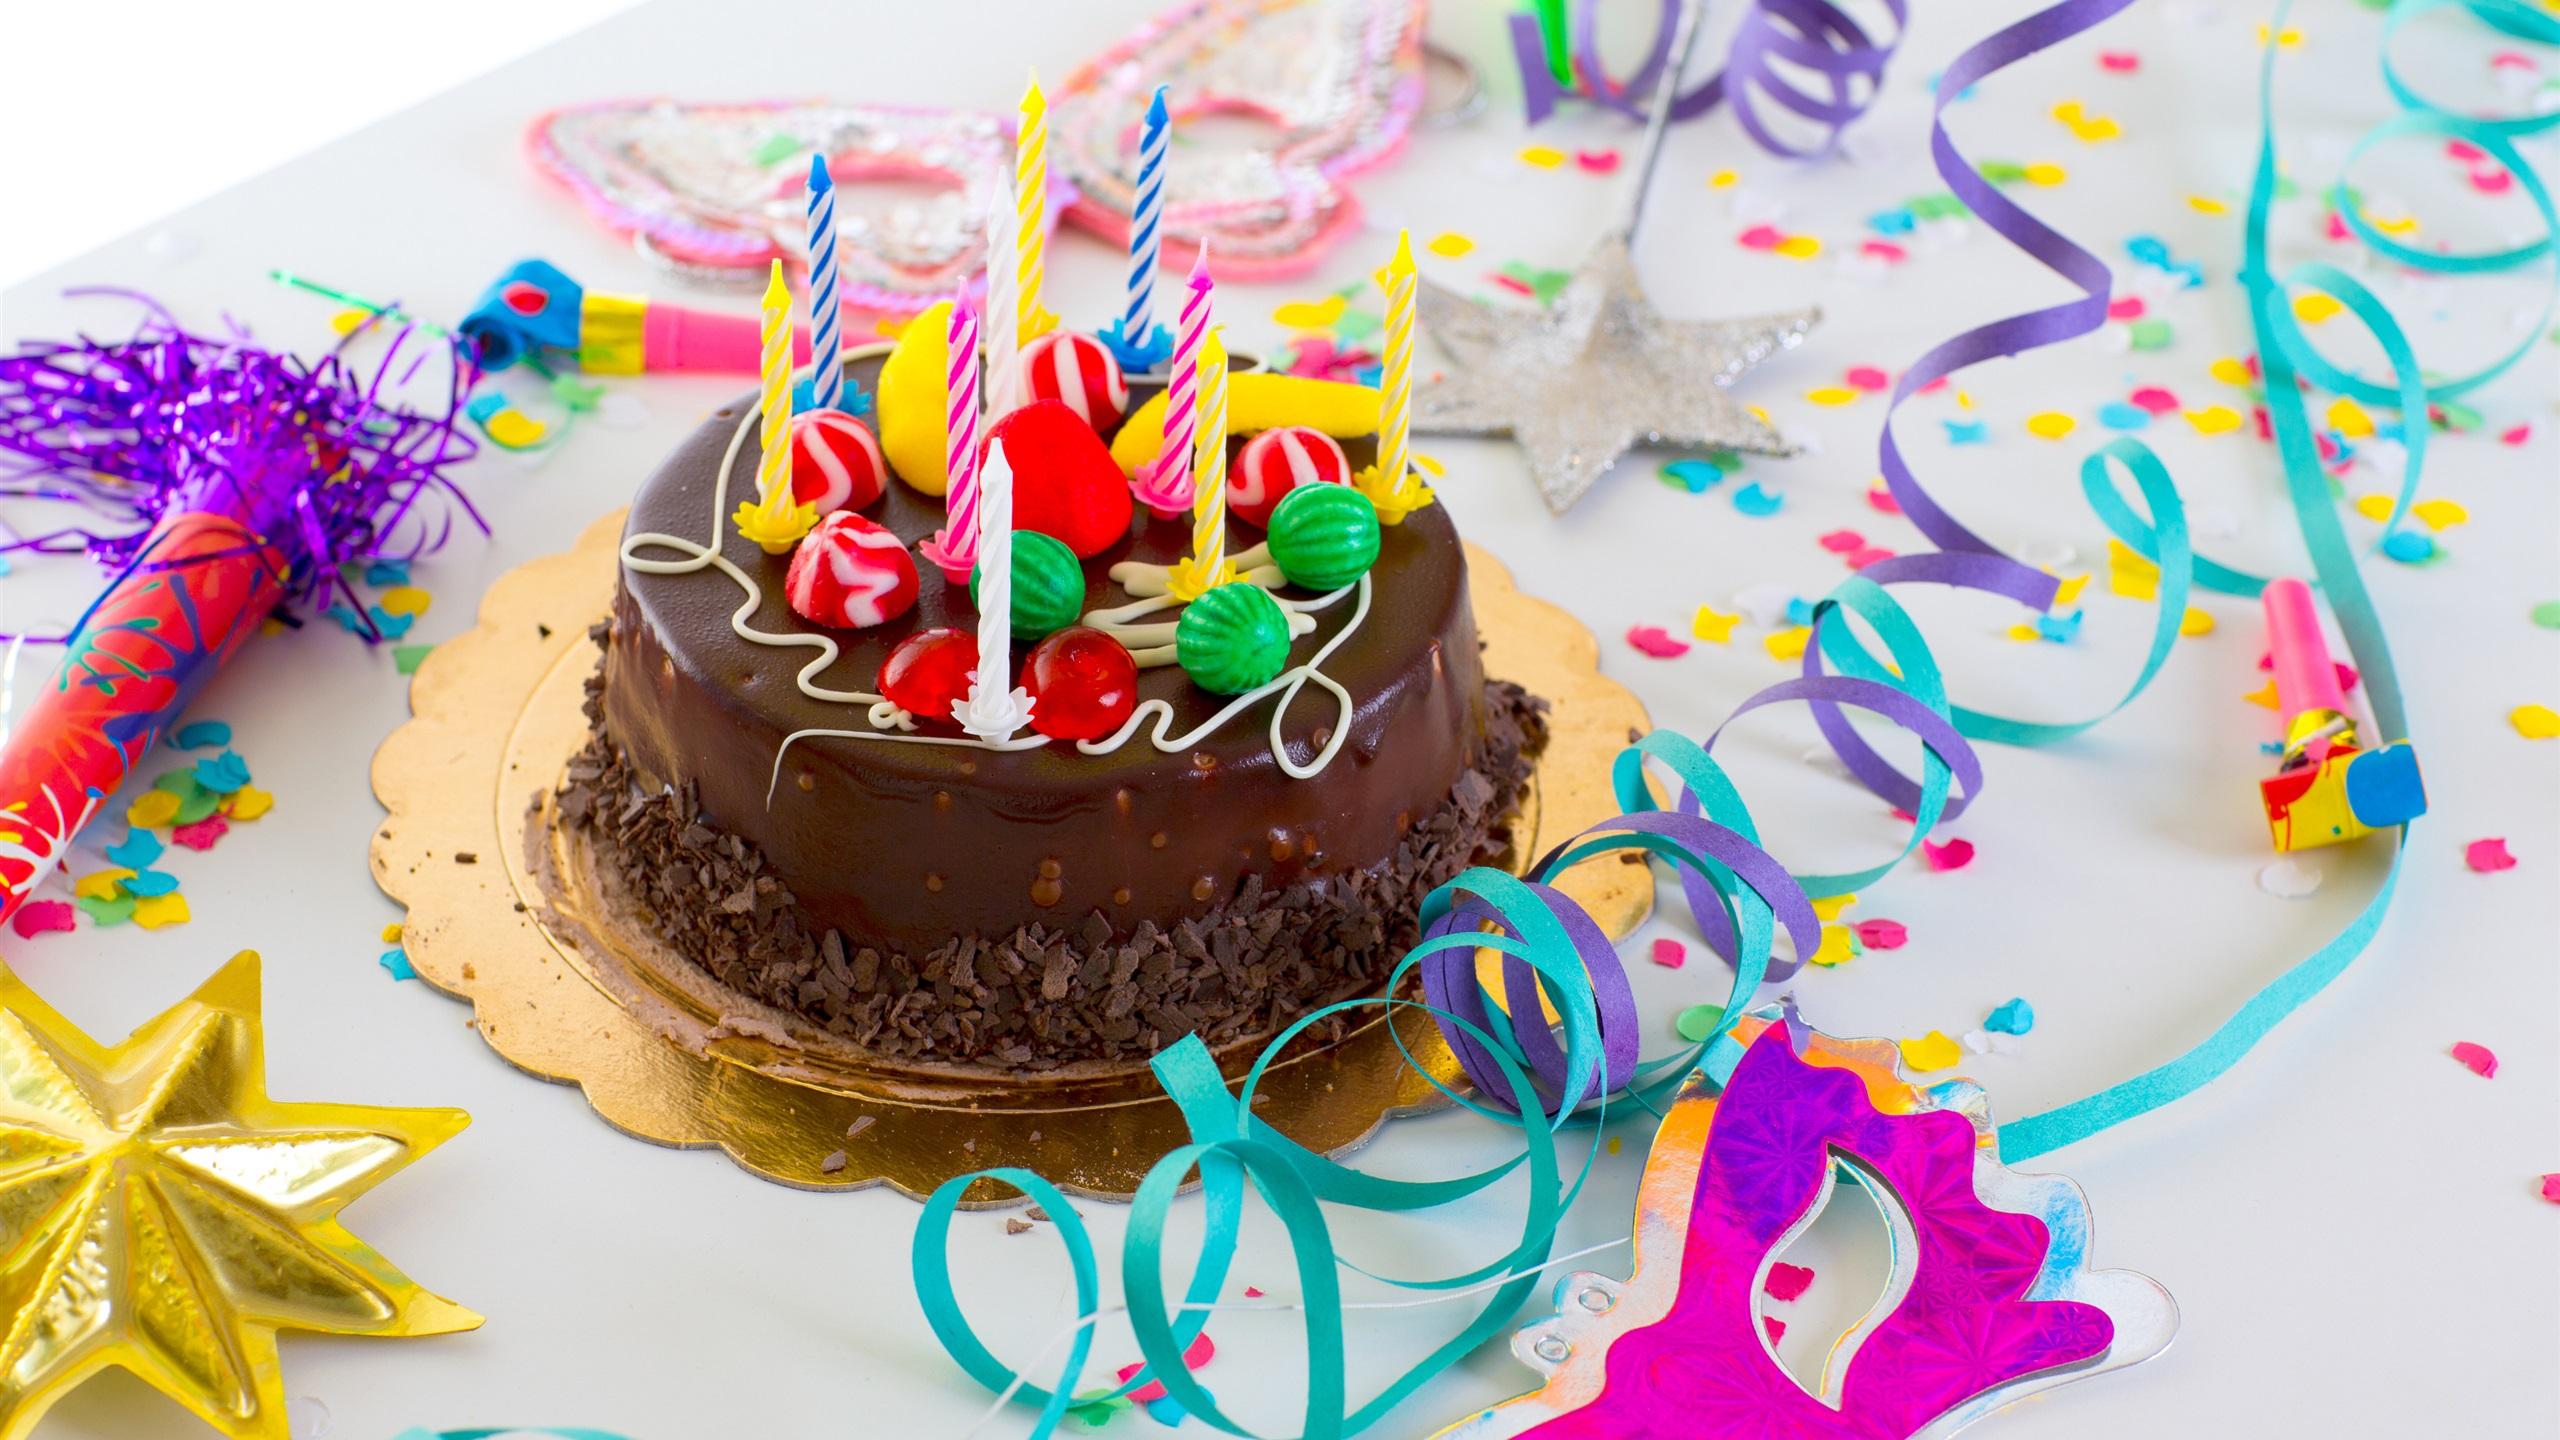 Картинки на рабочий стол с днем рождения девочке